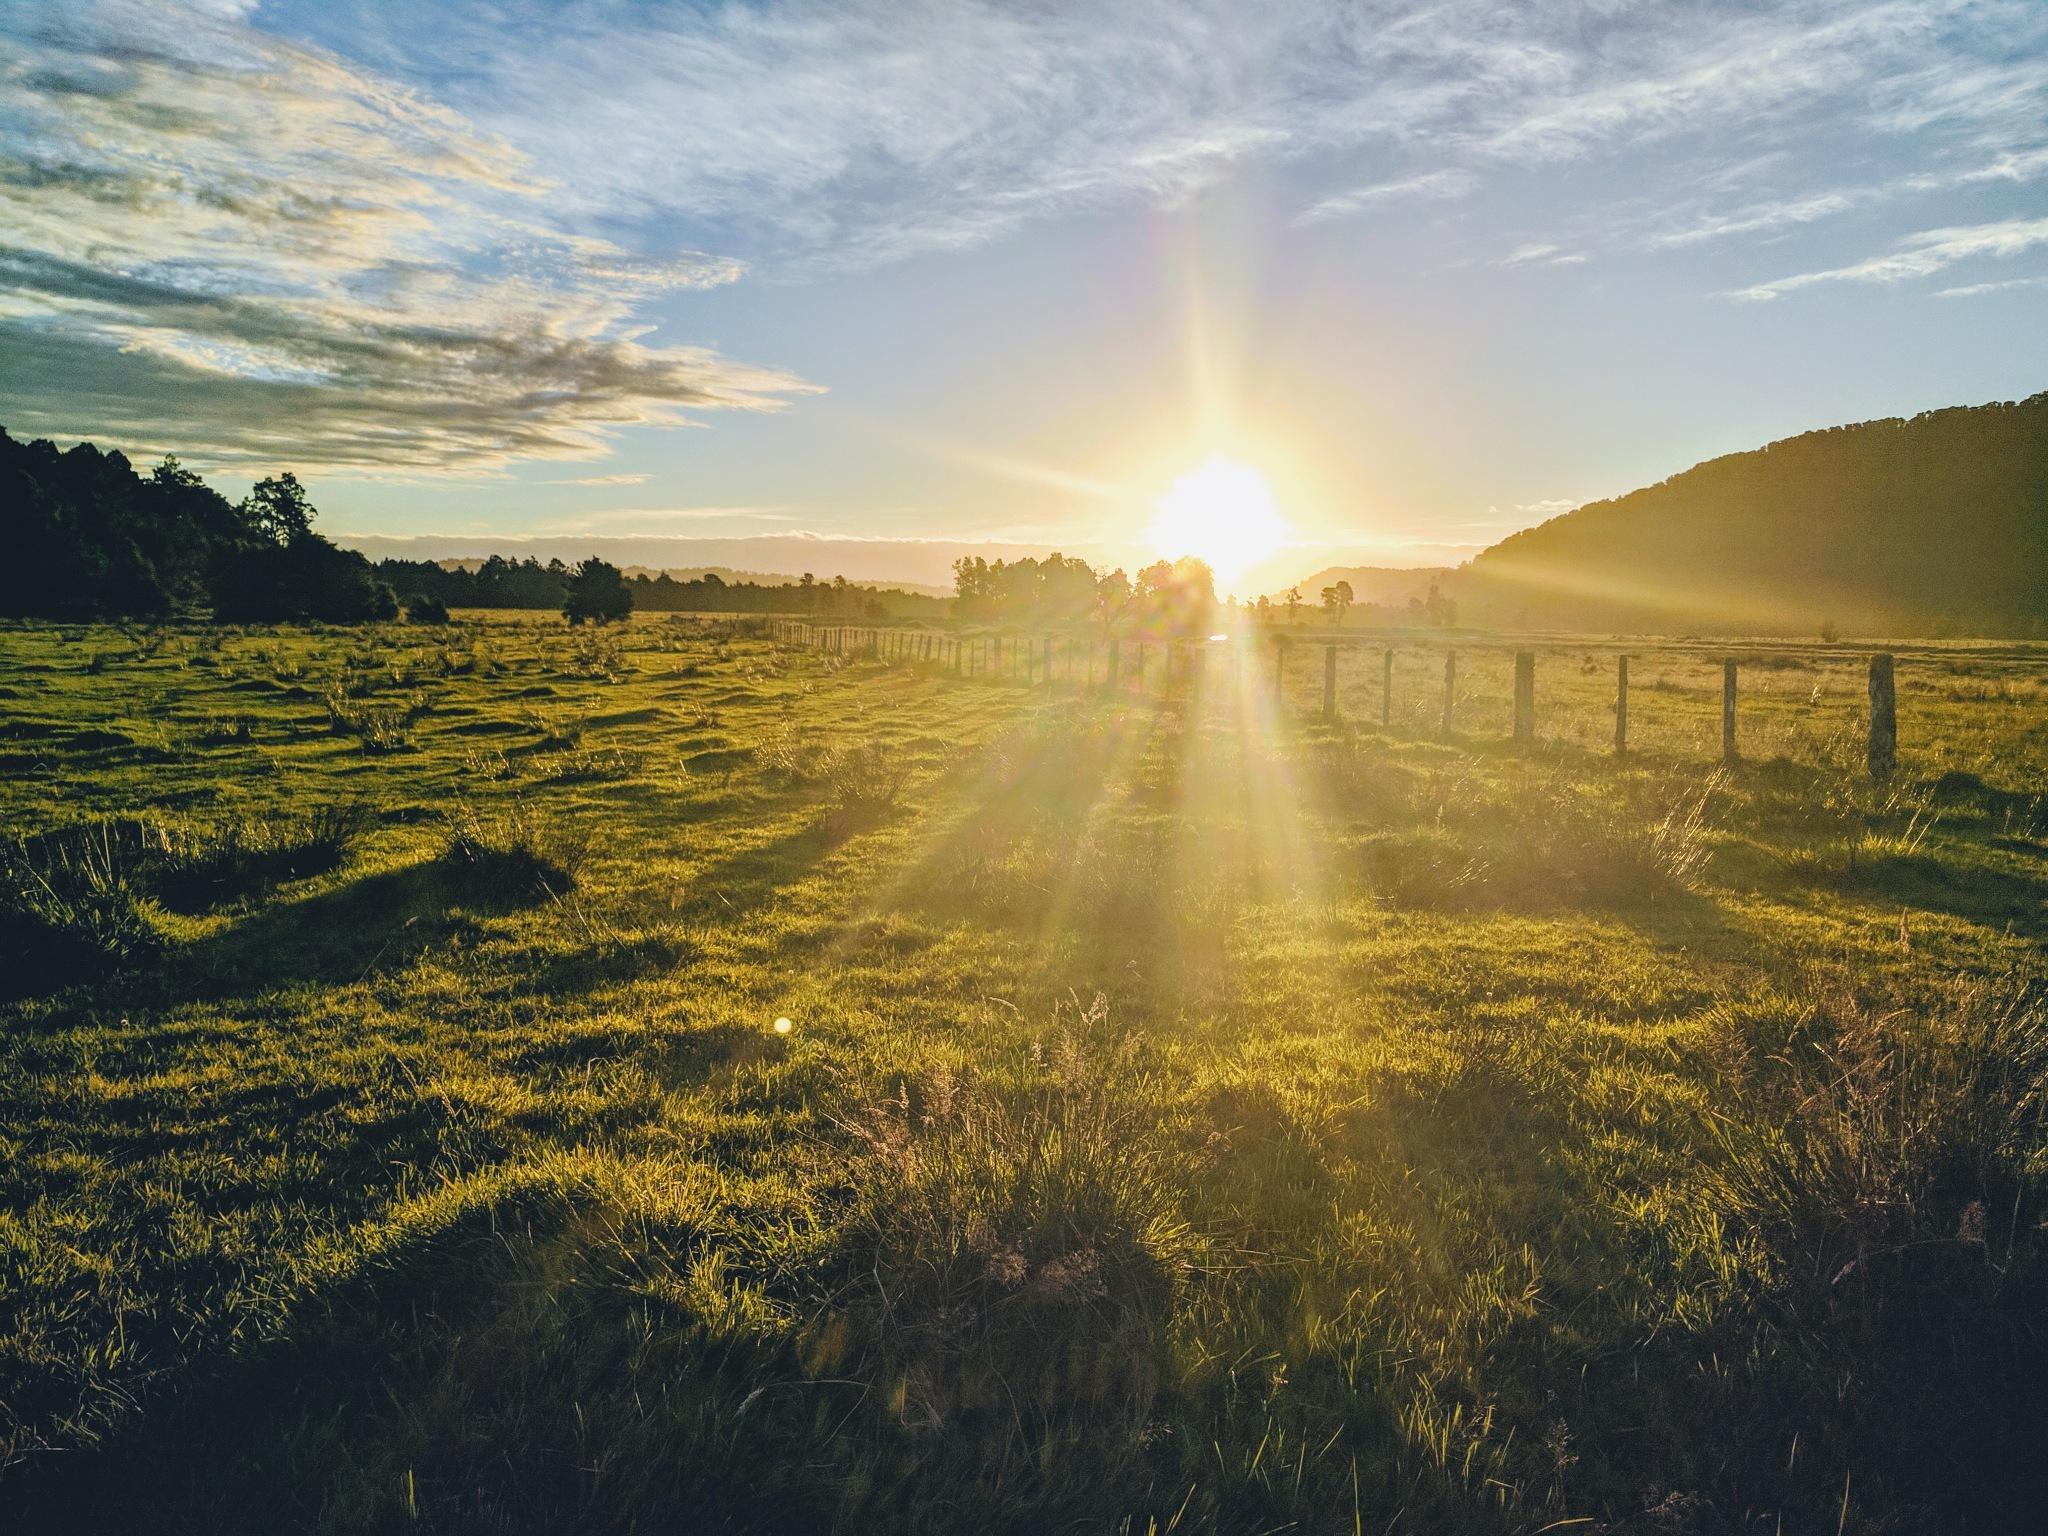 sundown @ the farm by julz